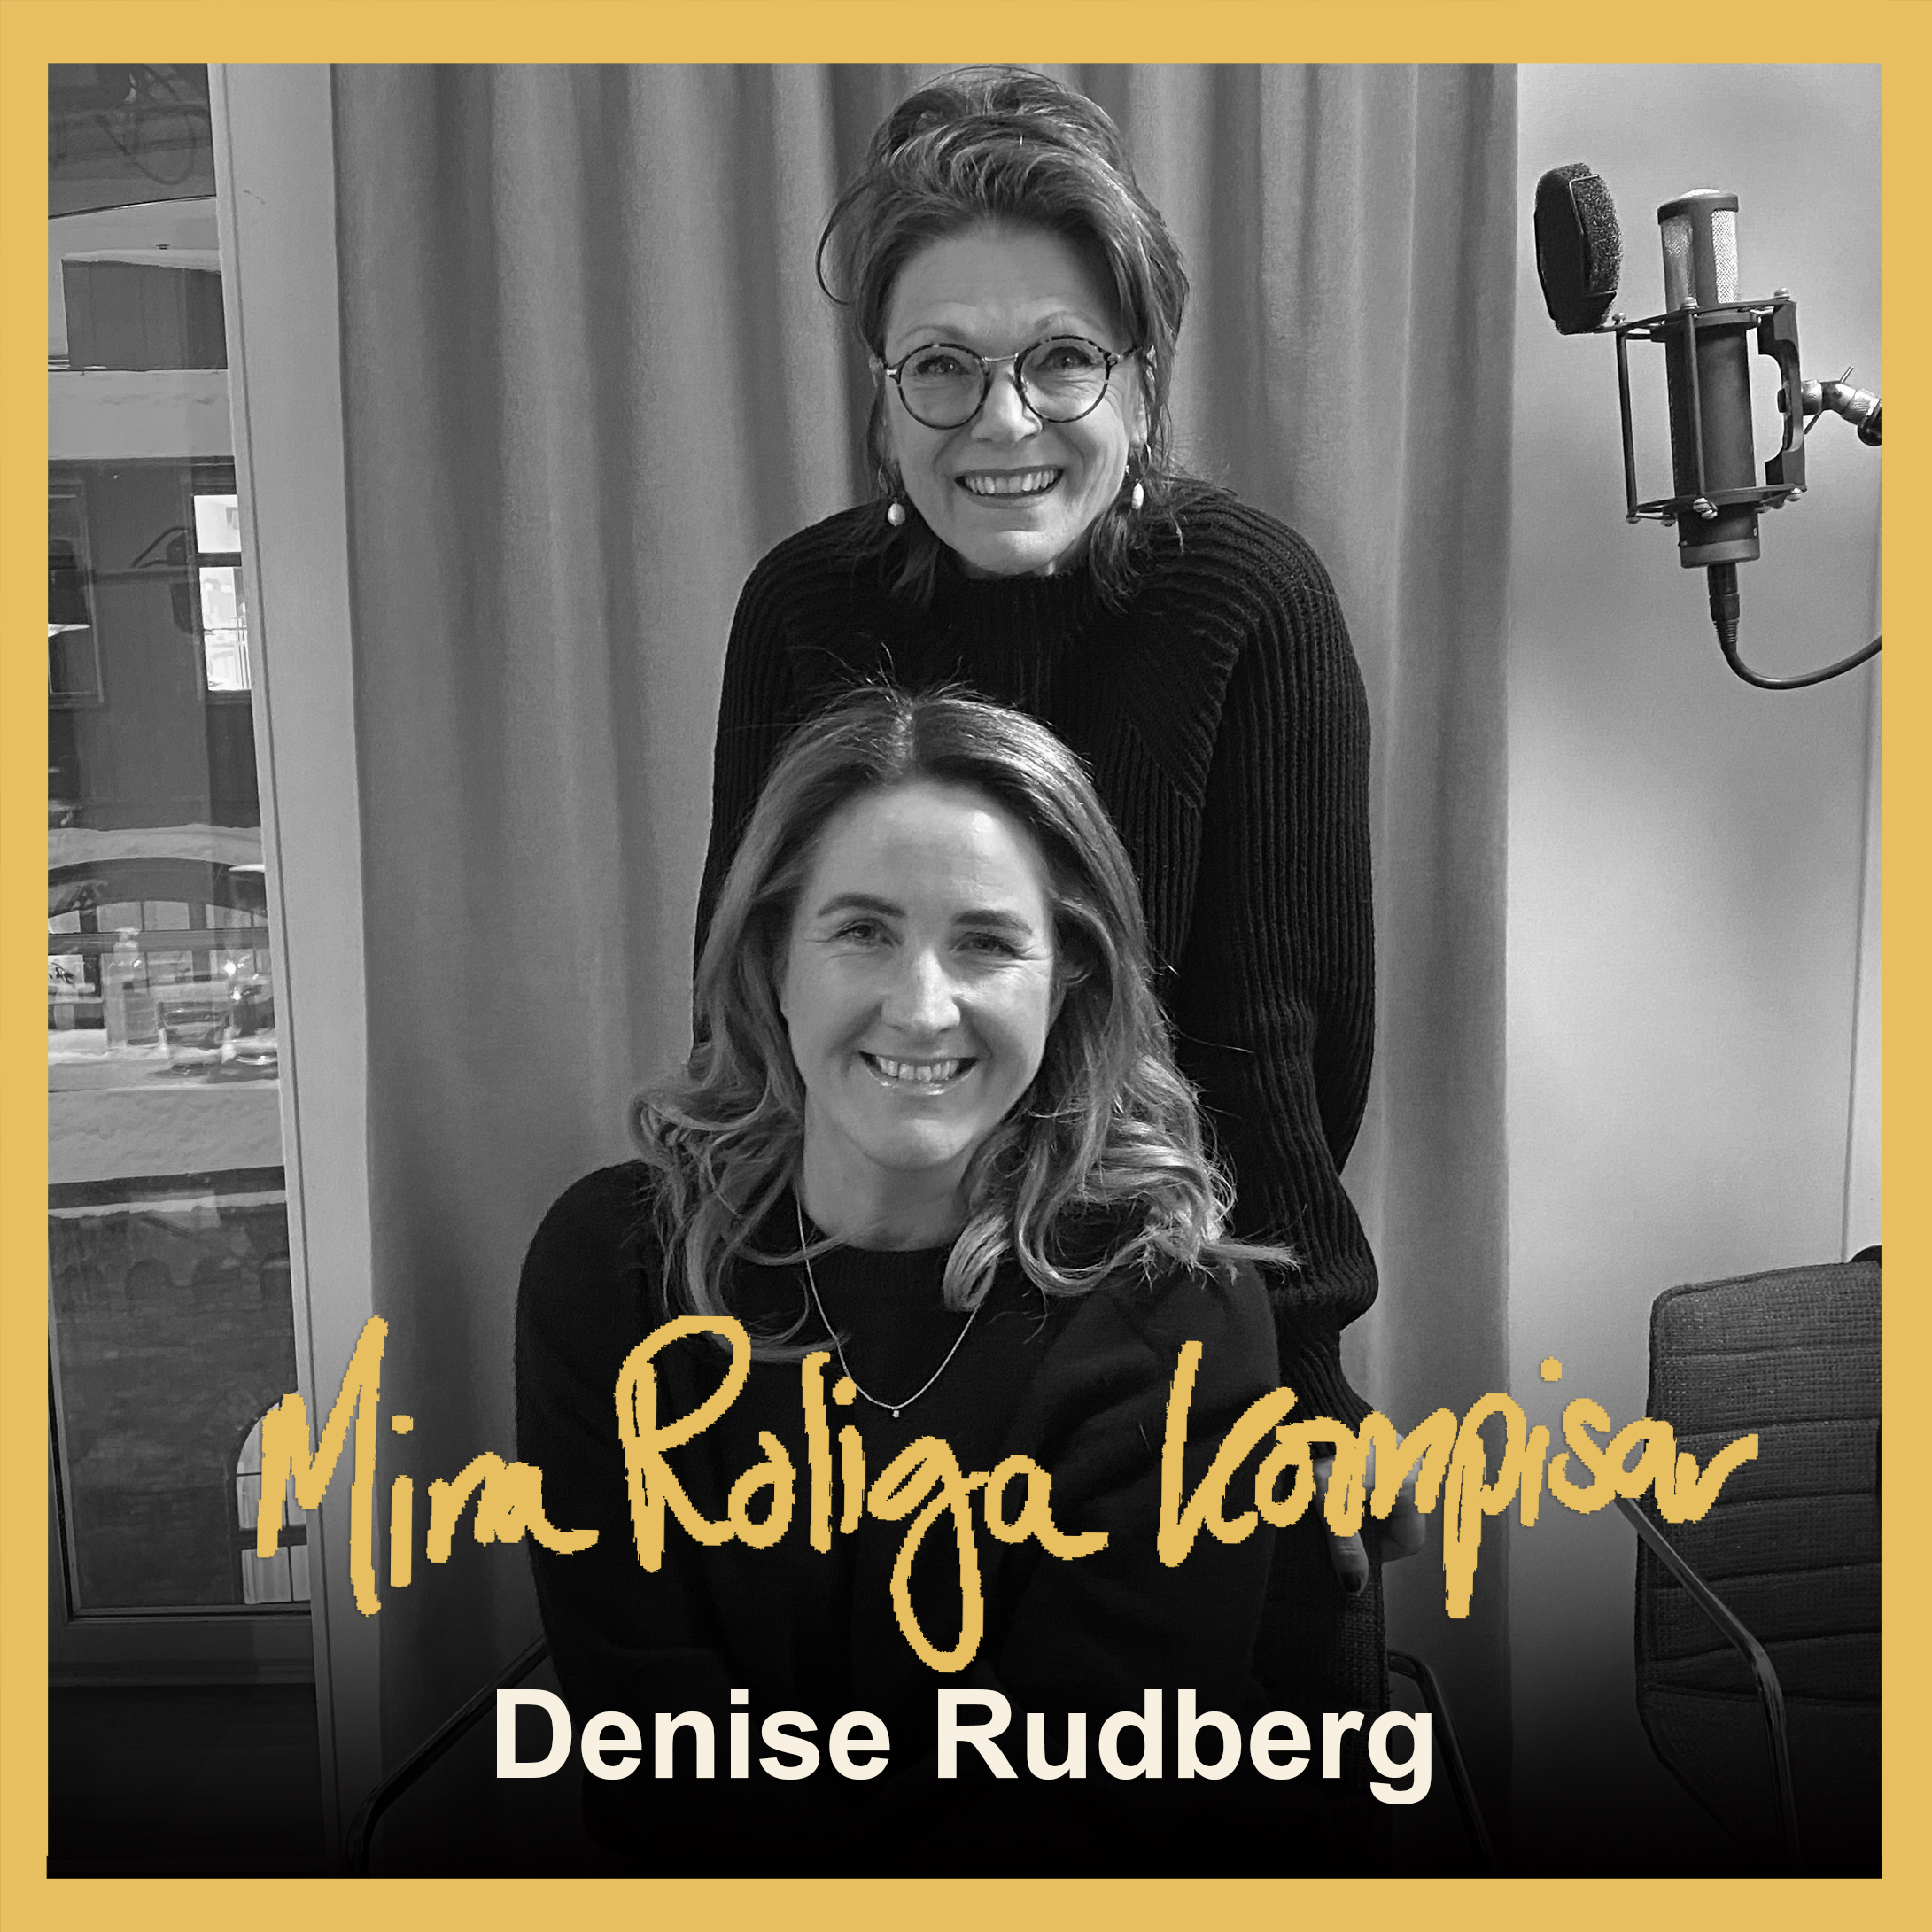 16. Denise Rudberg